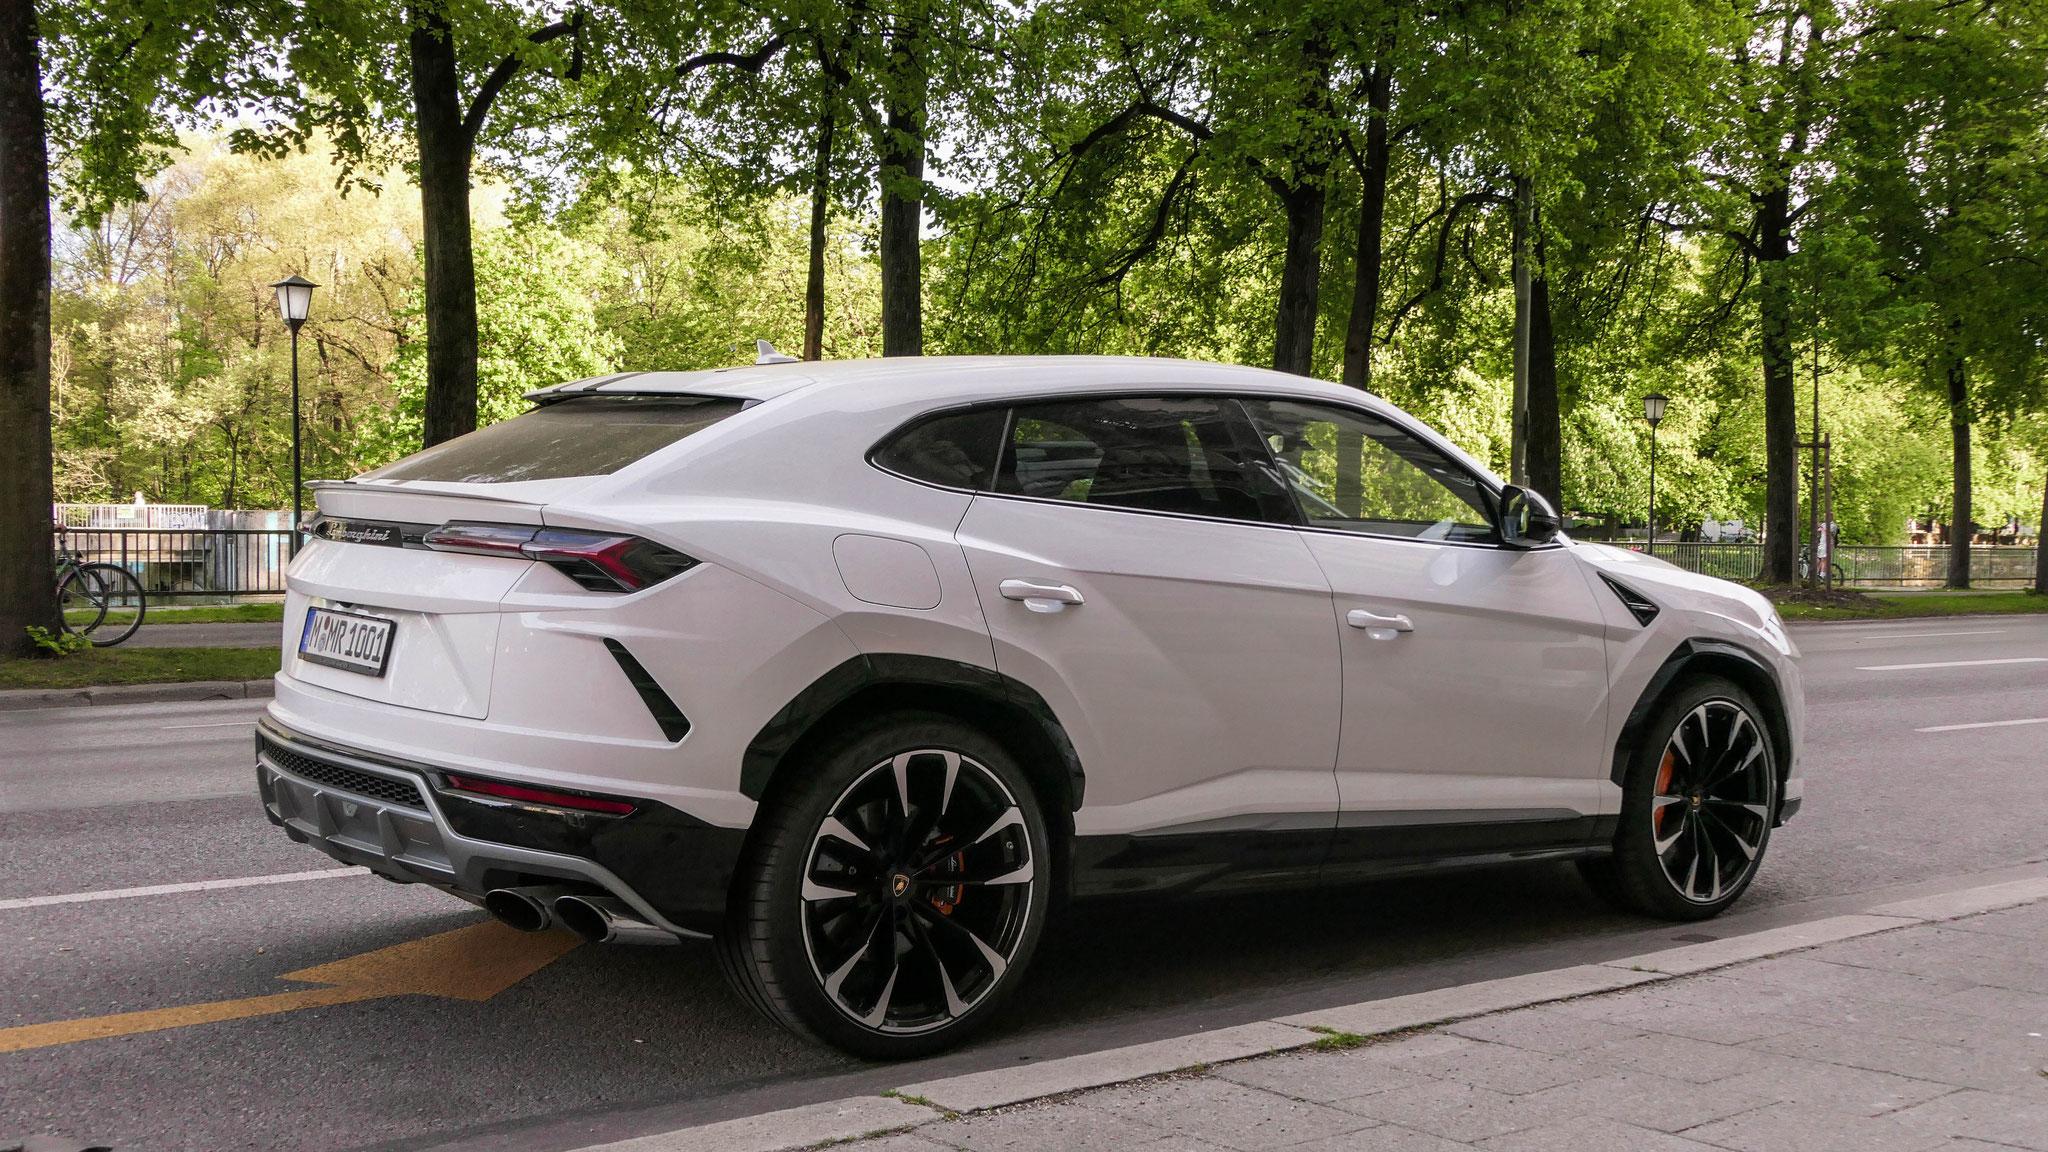 Lamborghini Urus - M-MR-1001